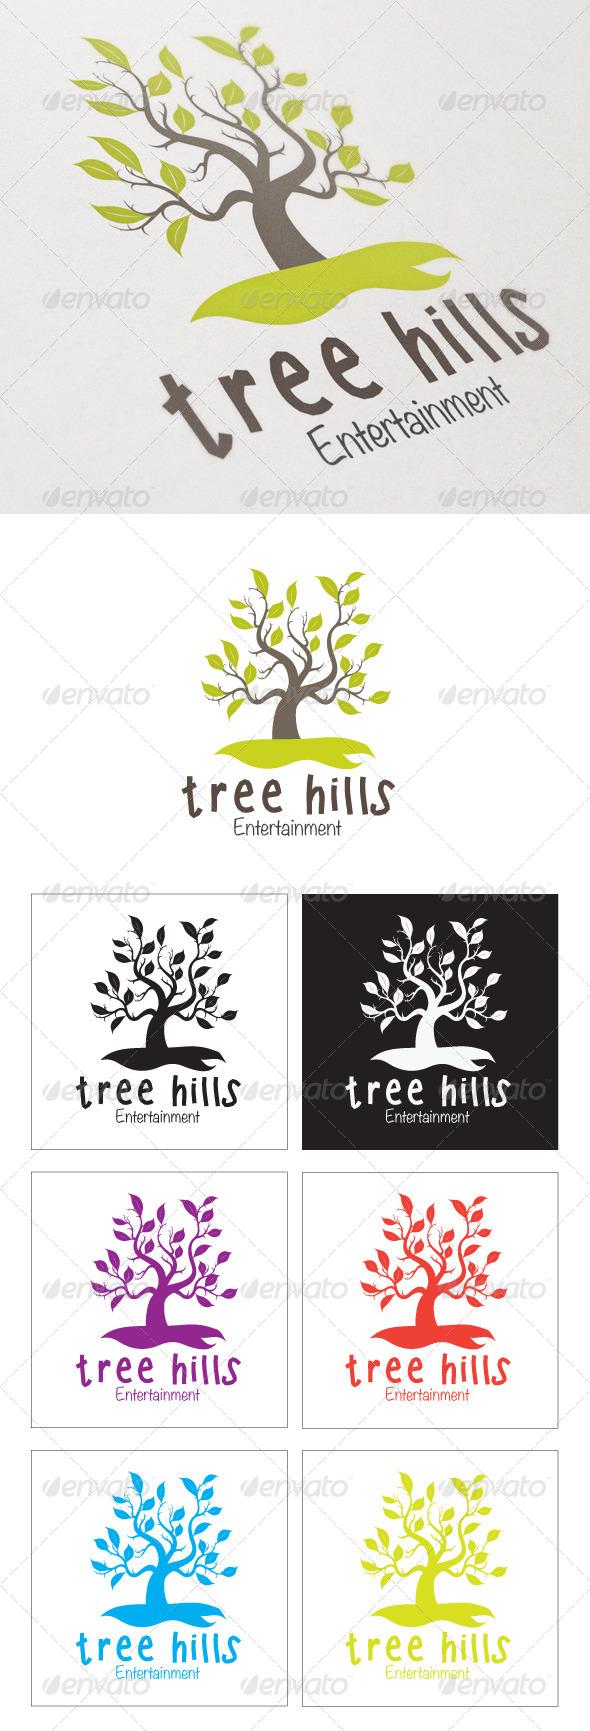 Tree Hills